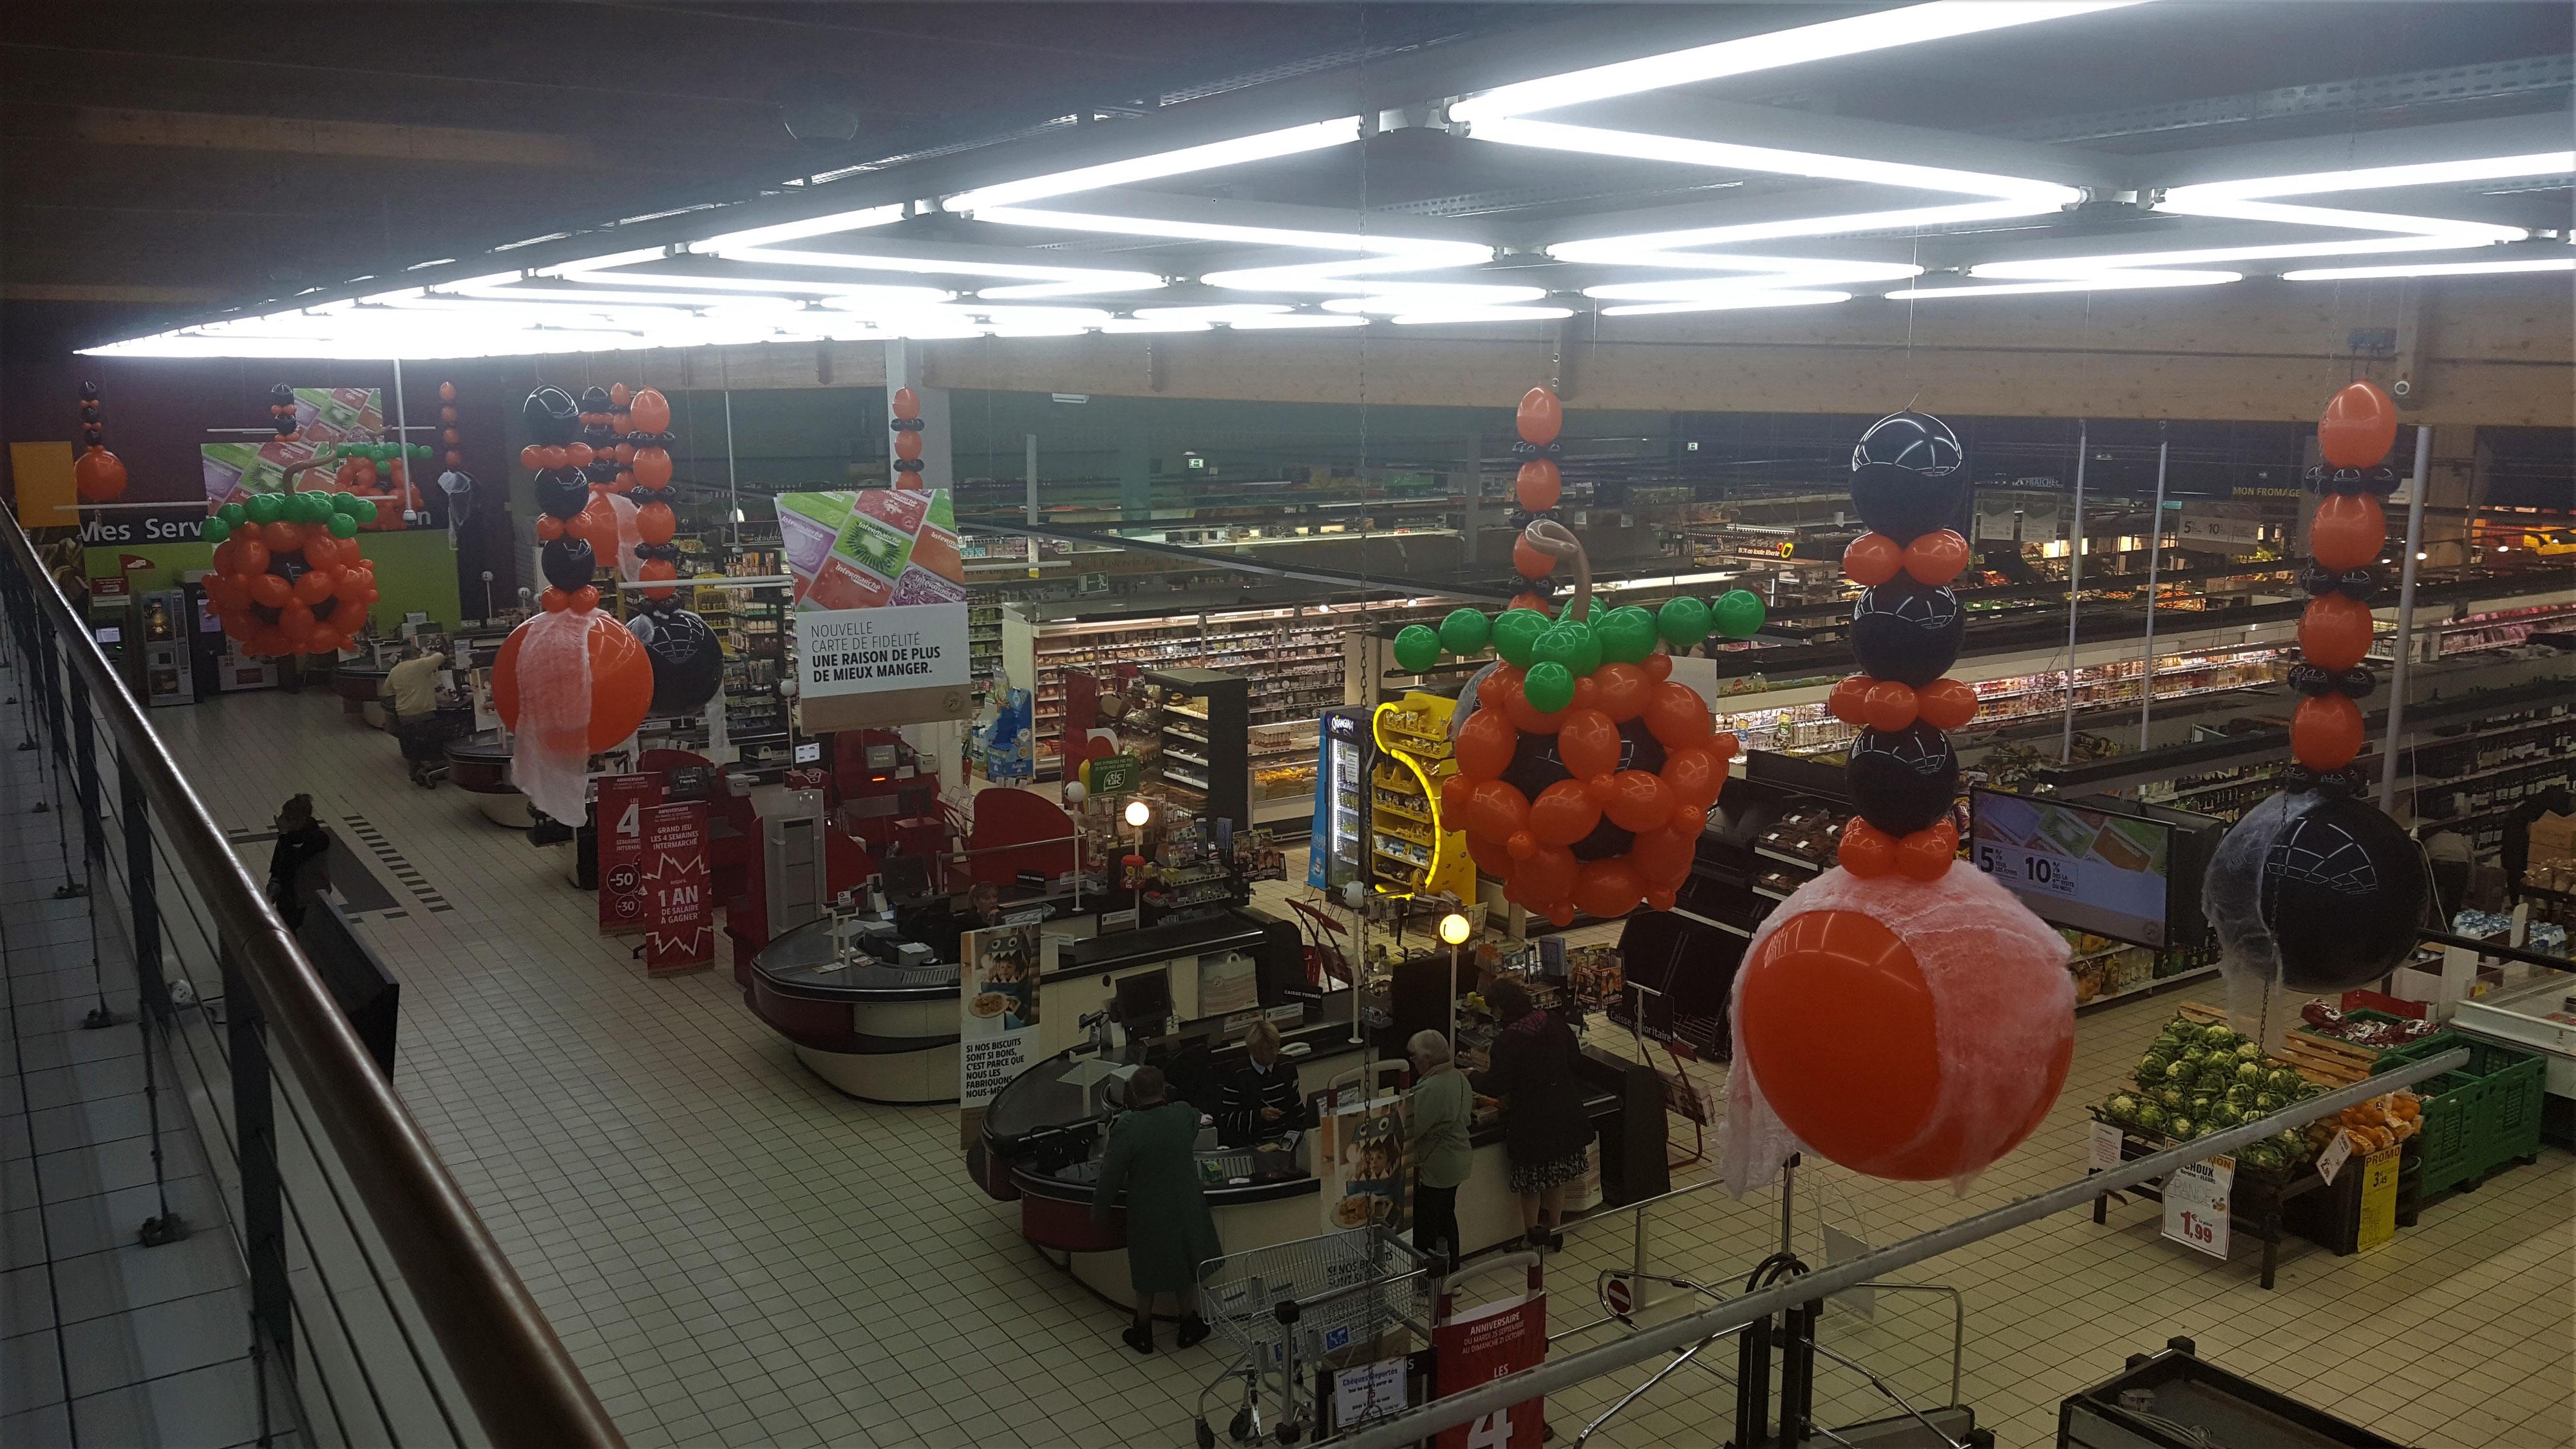 Decoration Halloween Magasin.Deco Ballons Halloween Pour Intermarche Decoration De Ballons Pour Mariage Anniversaires Magasins Et Tous Evenements